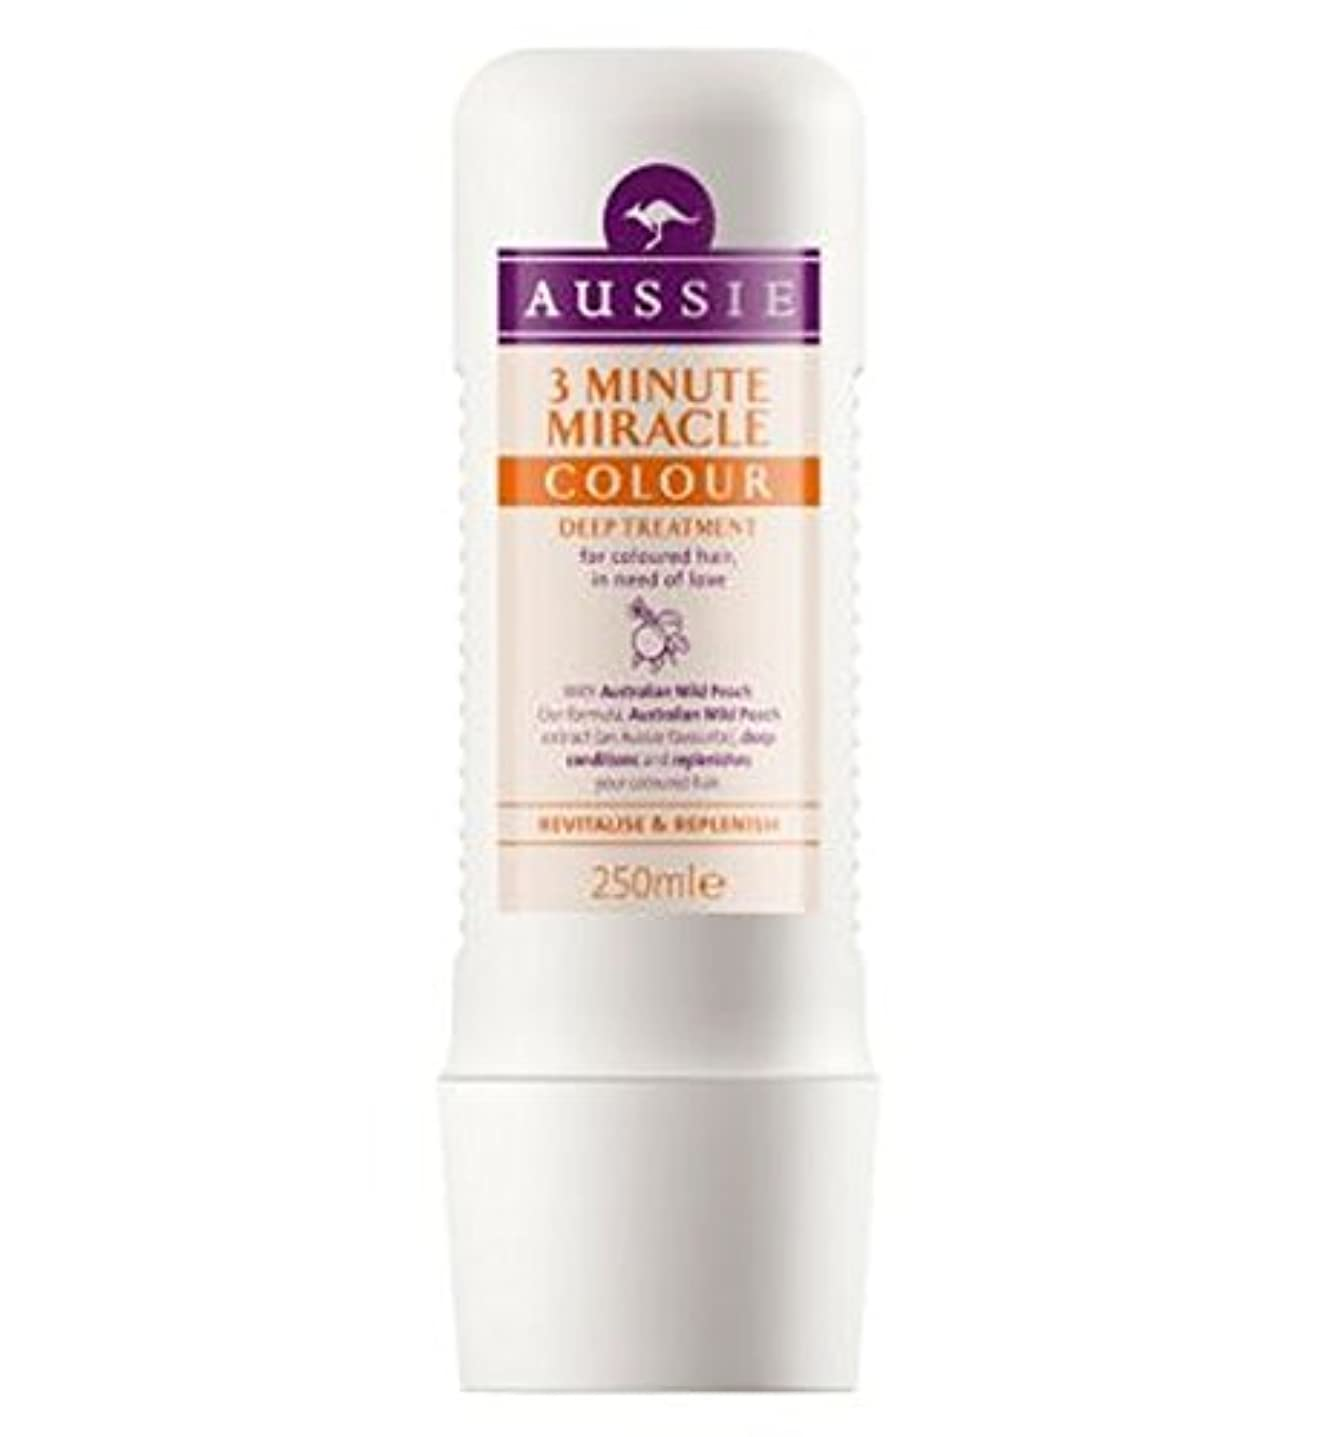 豊富愛するバスルームオージー3分の奇跡色の深い処理250ミリリットル (Aussie) (x2) - Aussie 3 Minute Miracle Colour Deep Treatment 250ml (Pack of 2) [並行輸入品]